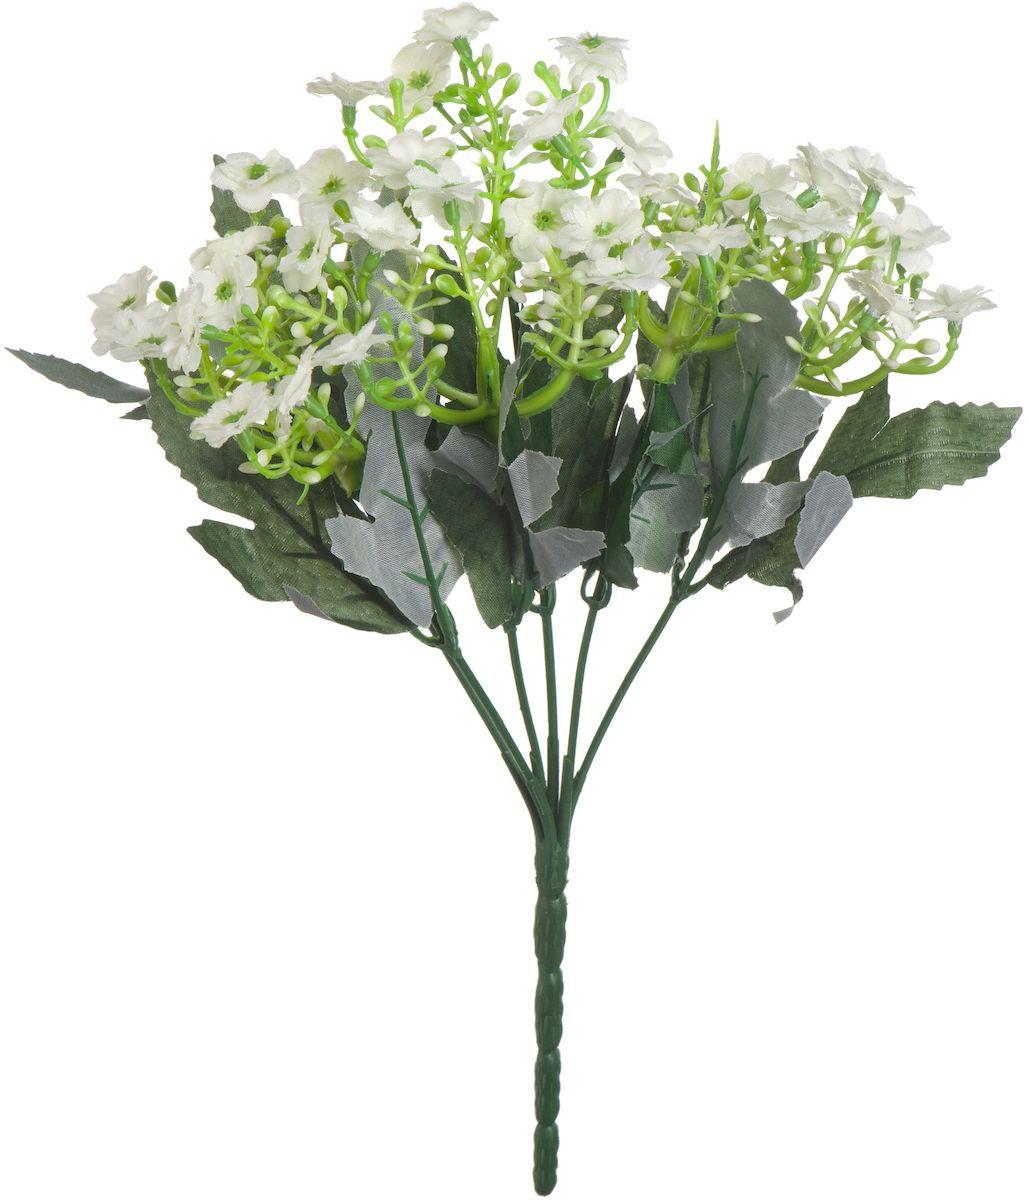 Цветы искусственные Engard Орхидея, цвет: белый, 23 см1092019Искусственные цветы Engard - это популярное дизайнерское решение для создания природного колорита и индивидуальности в интерьере. Искусственные цветы сделаны из высококачественного материала передающего неповторимую естественность и легкость. Не требует постоянного ухода. Цвет: розовый/желтый/сиреневый/белый.Размер: 23 см.